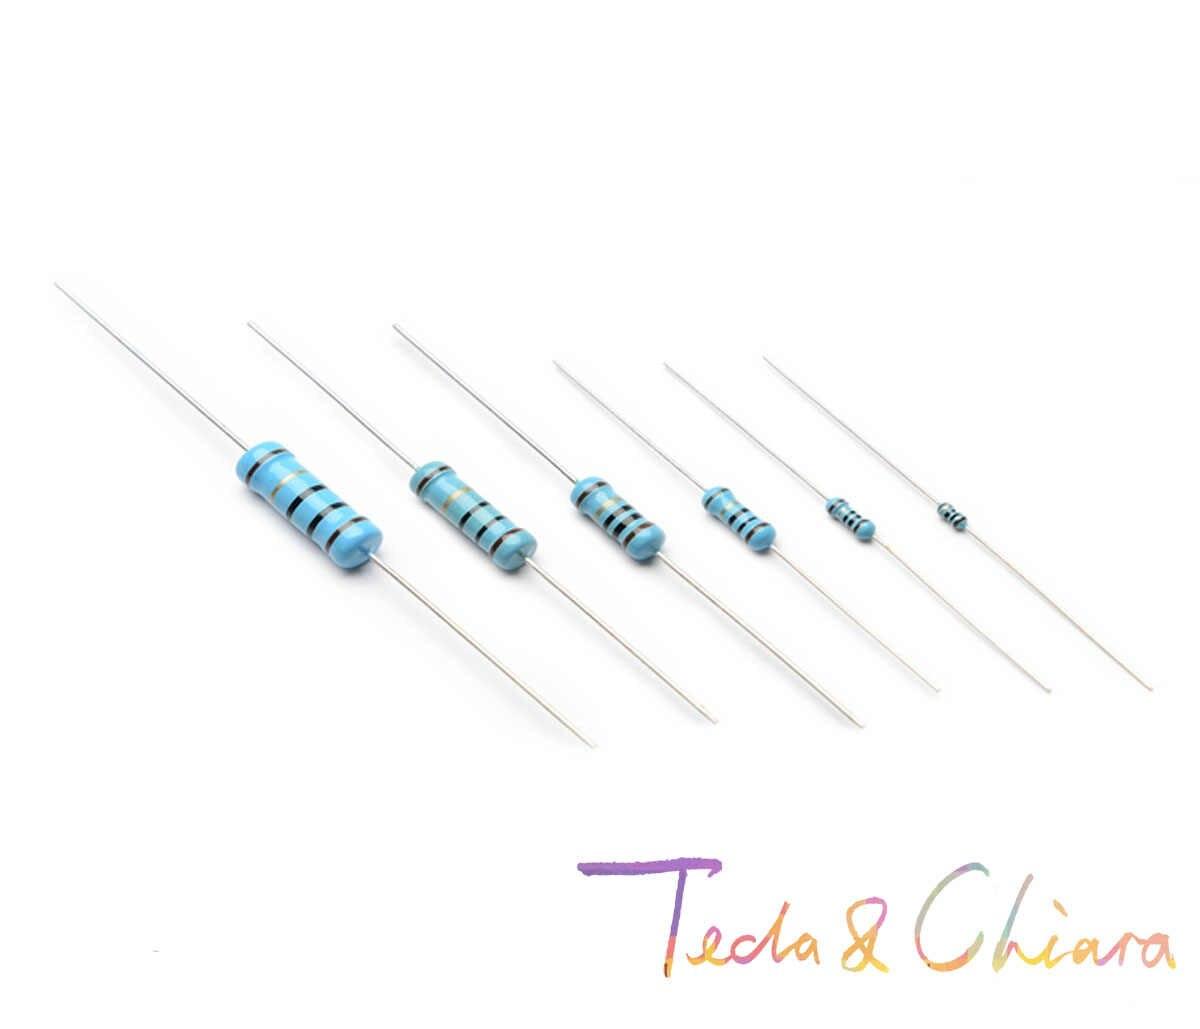 100 Pcs 220R 240R 250R 220Ohm 240Ohm 250Ohm 220 240 250 R Ohm 1/6 W 1/8 W 1% Resistor Film Logam Berwarna Cincin Perlawanan